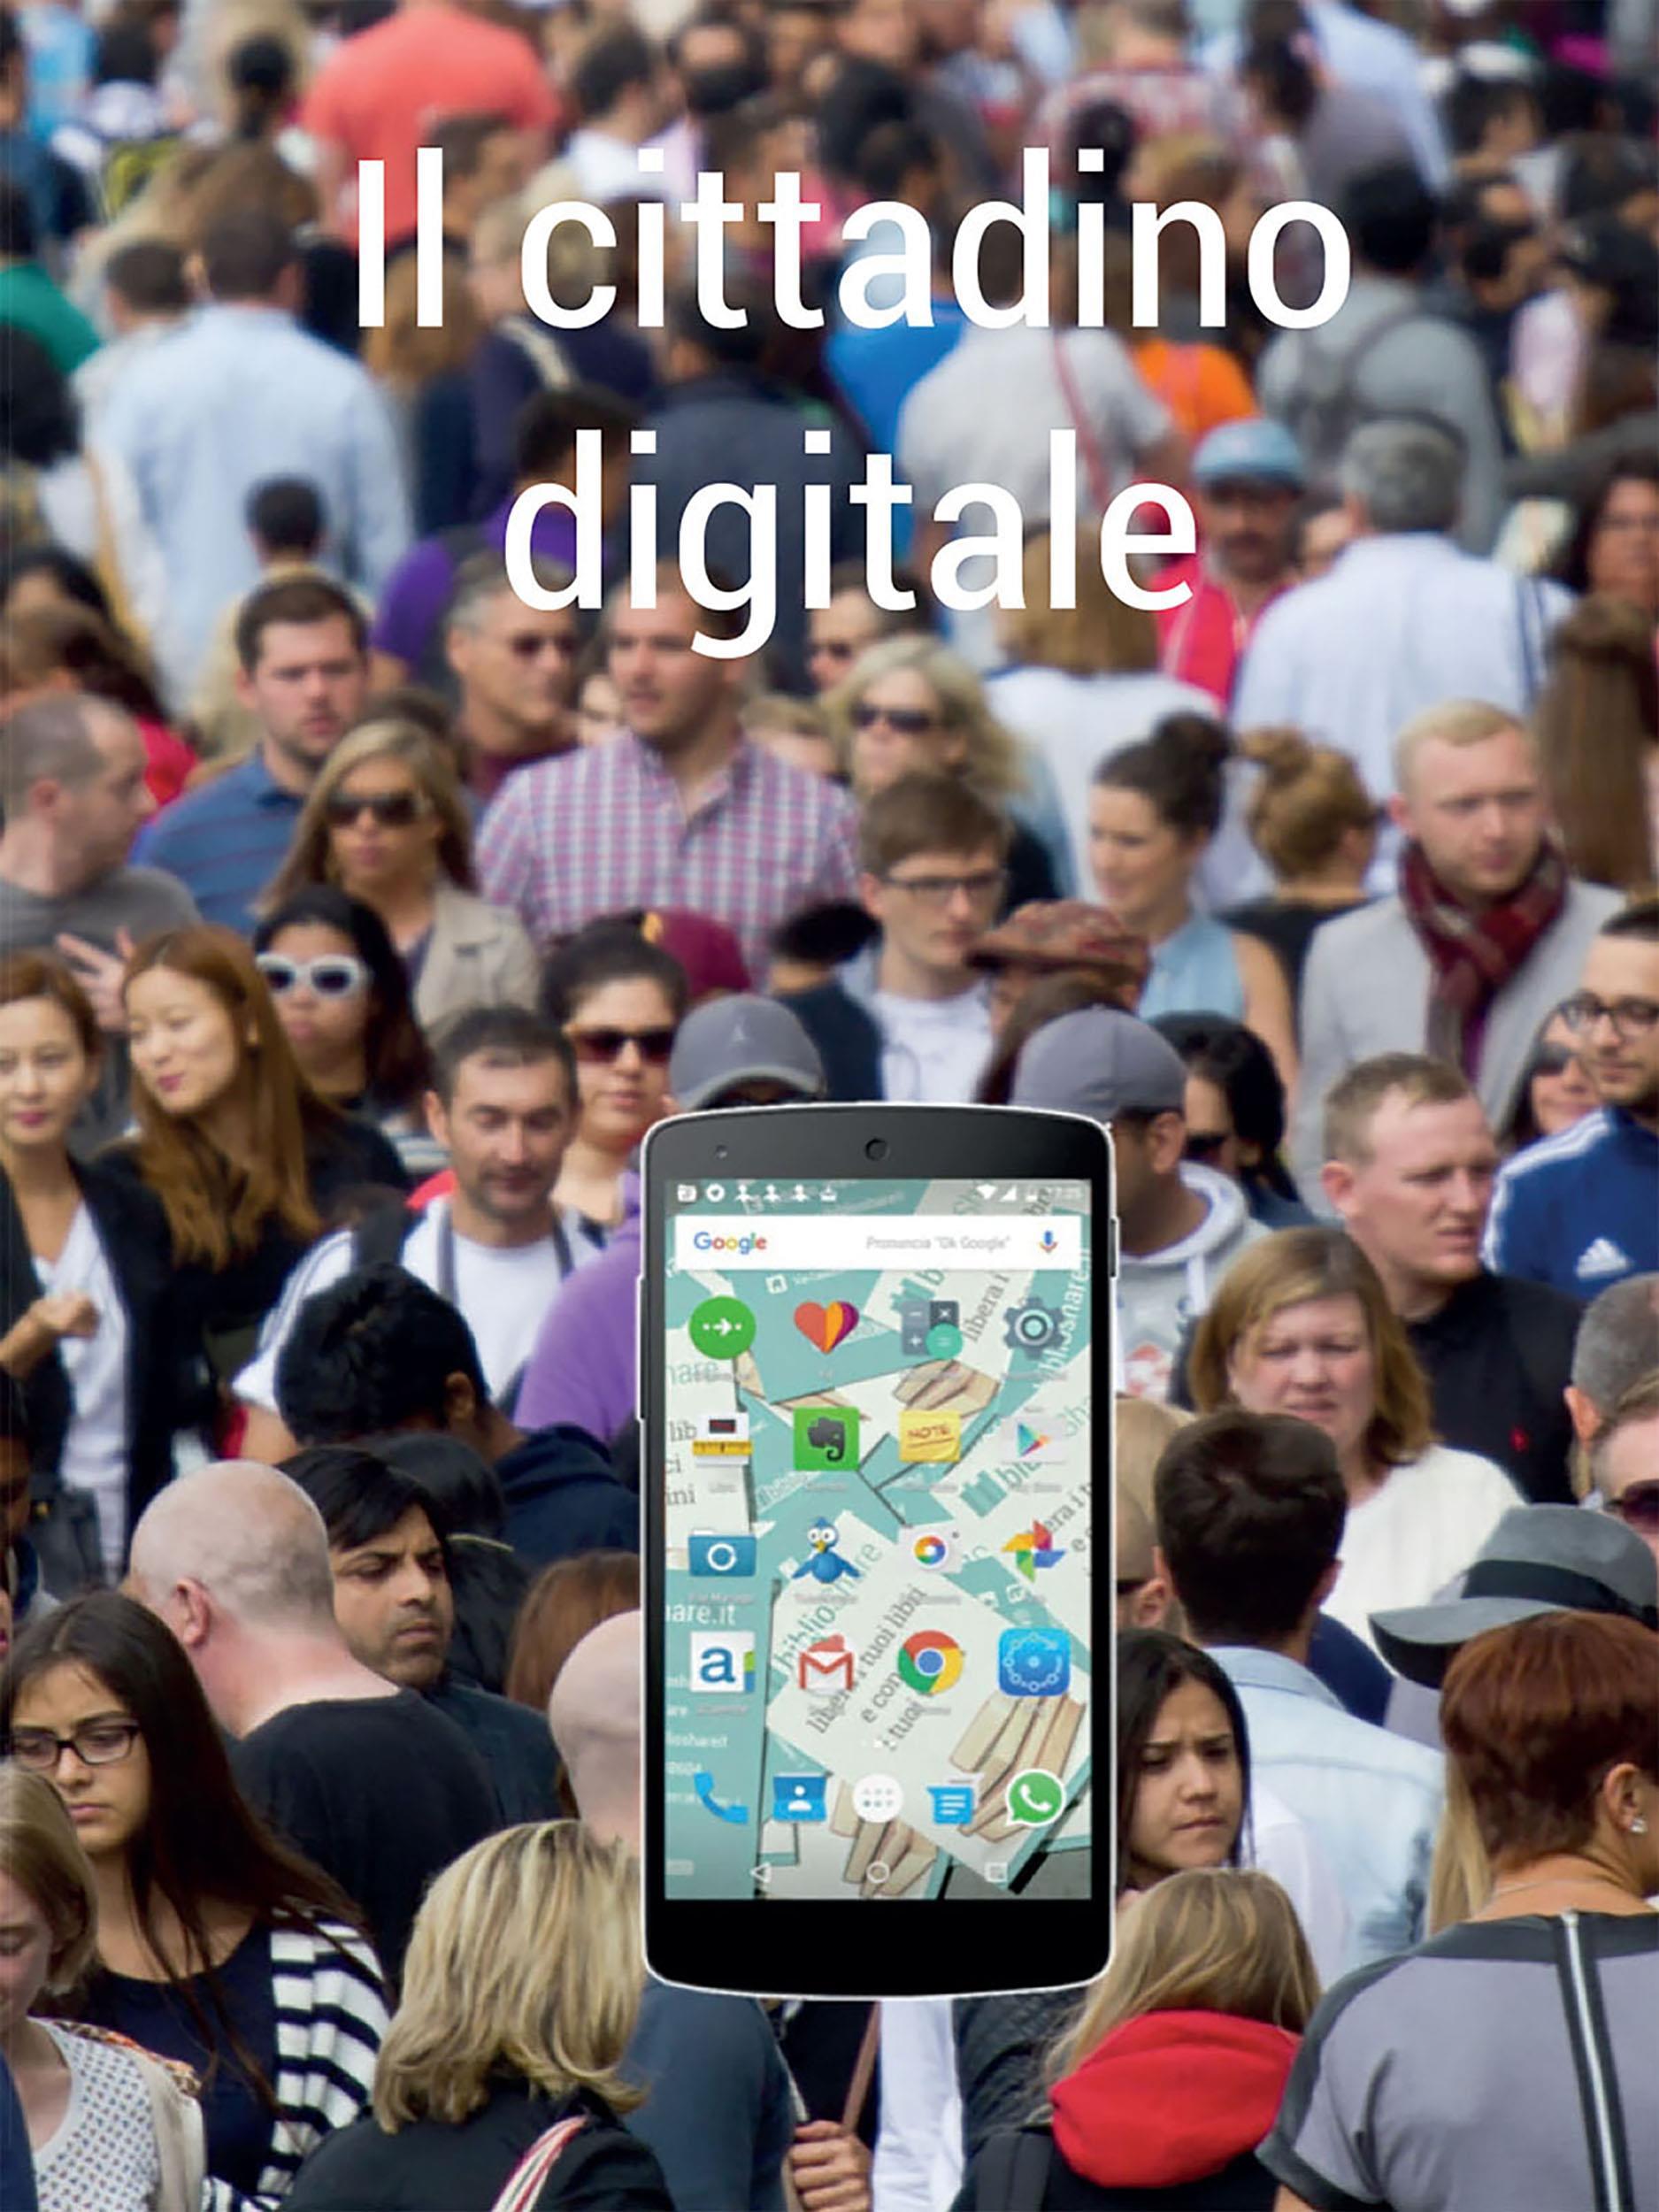 Il cittadino digitale